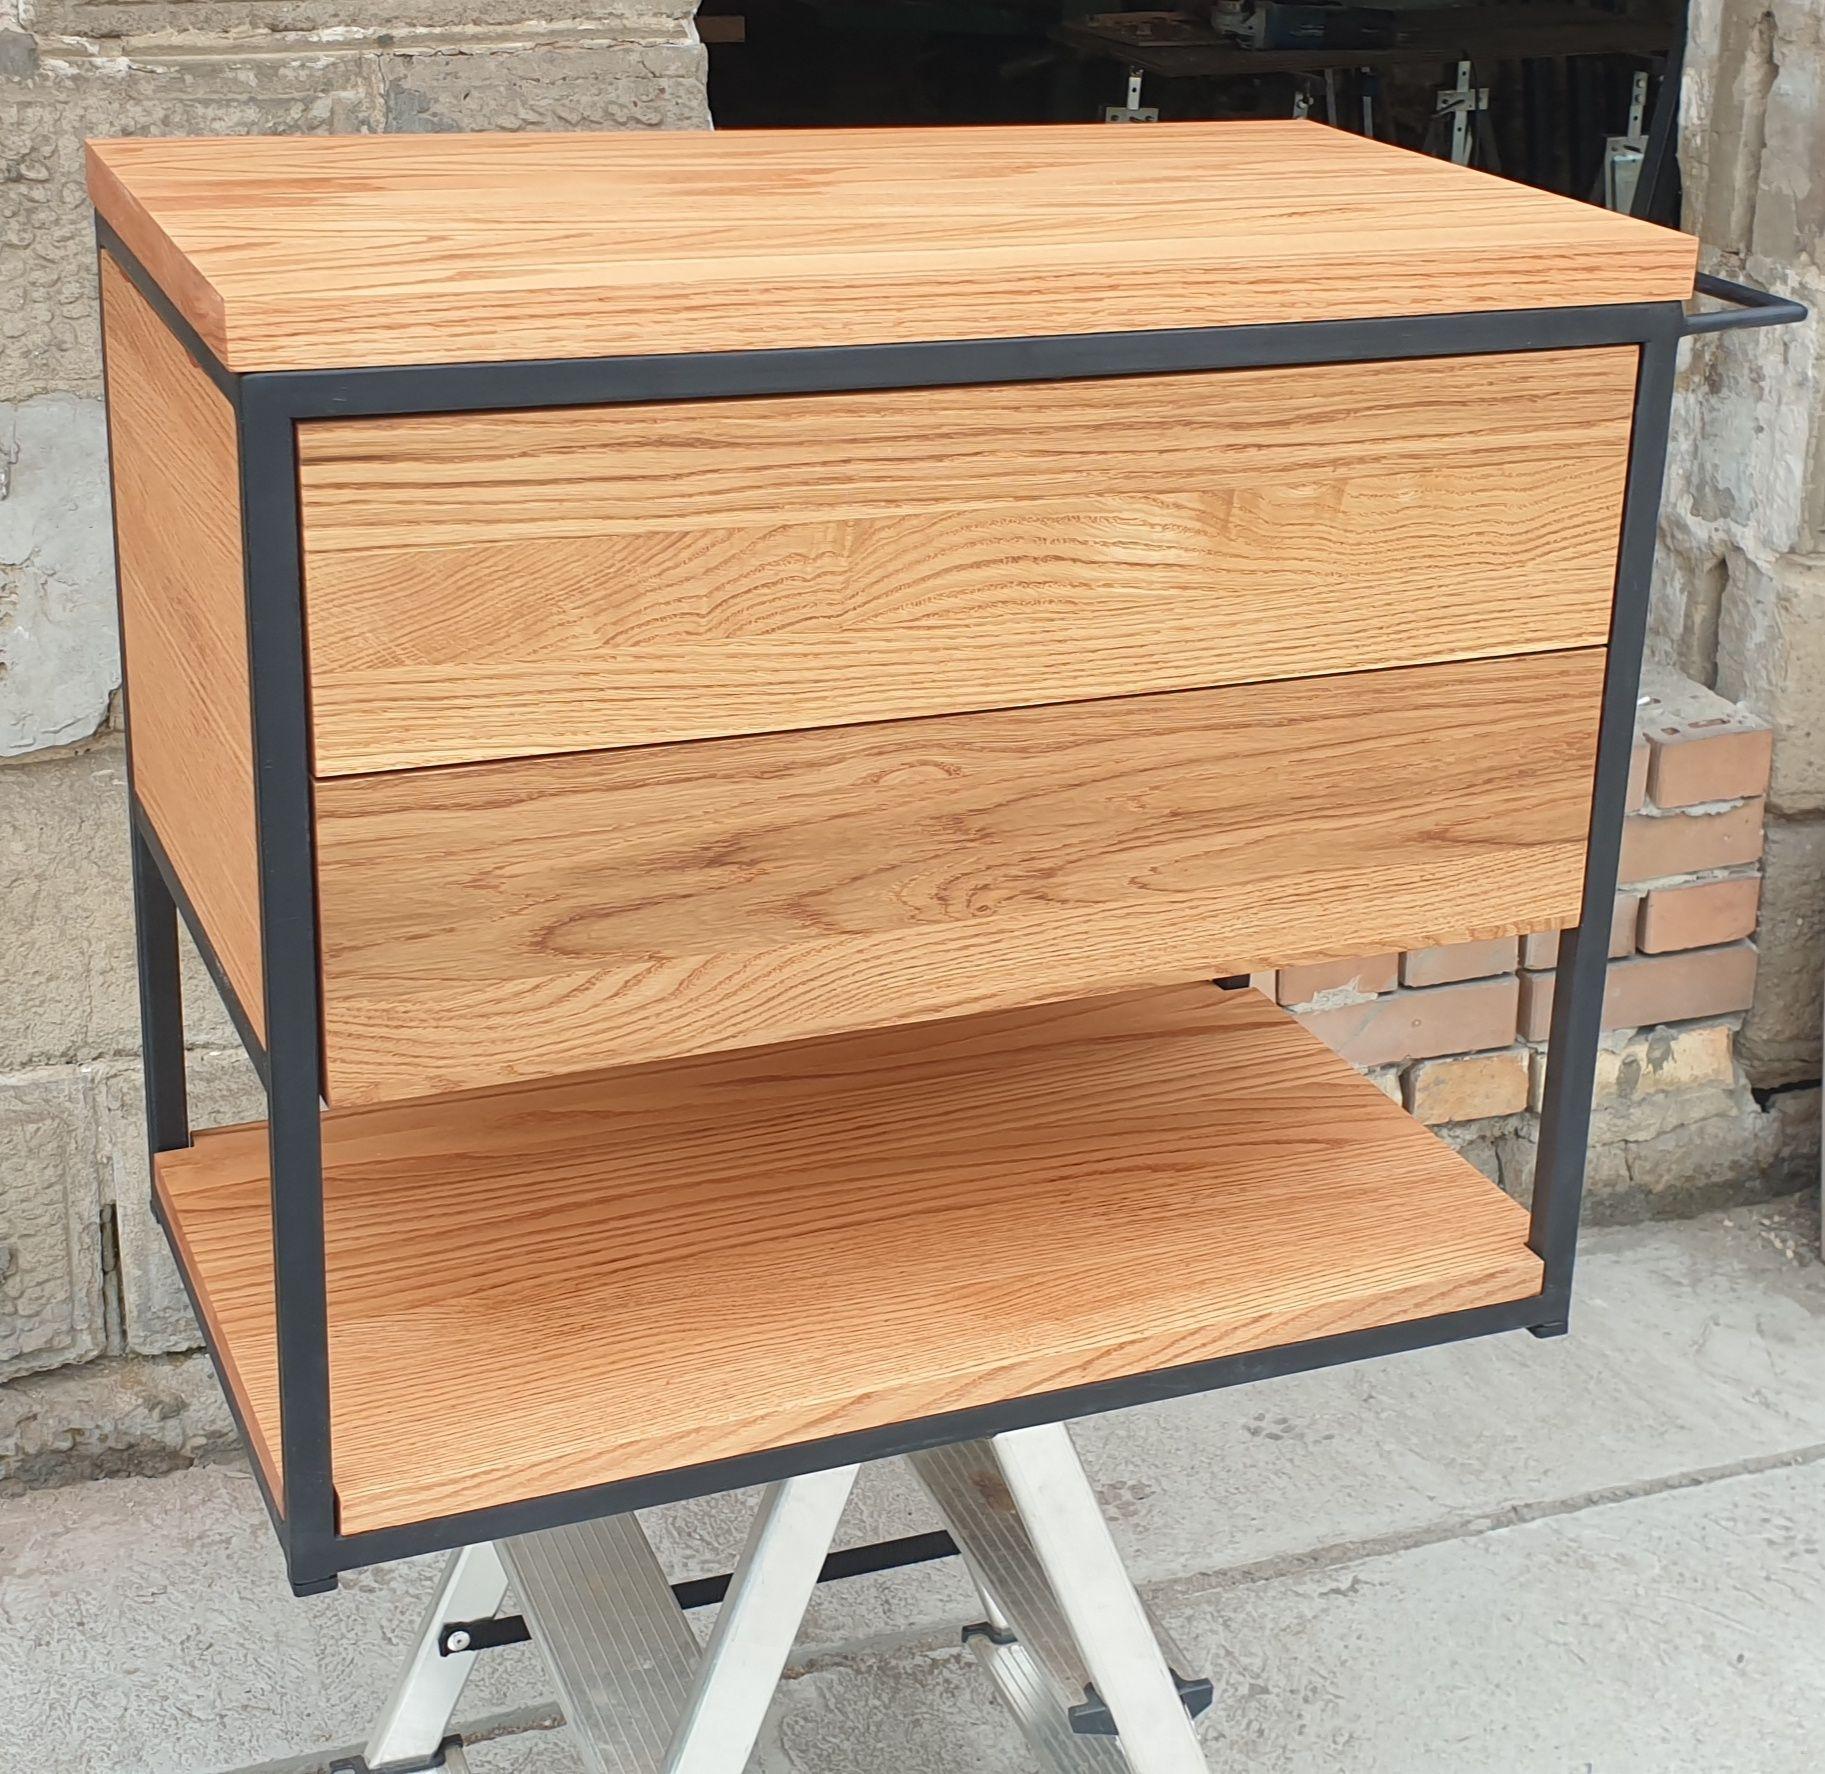 Wisząca szafka lazienkowa pod umywalkę.Drewno dębowe. Dwie szuflady.